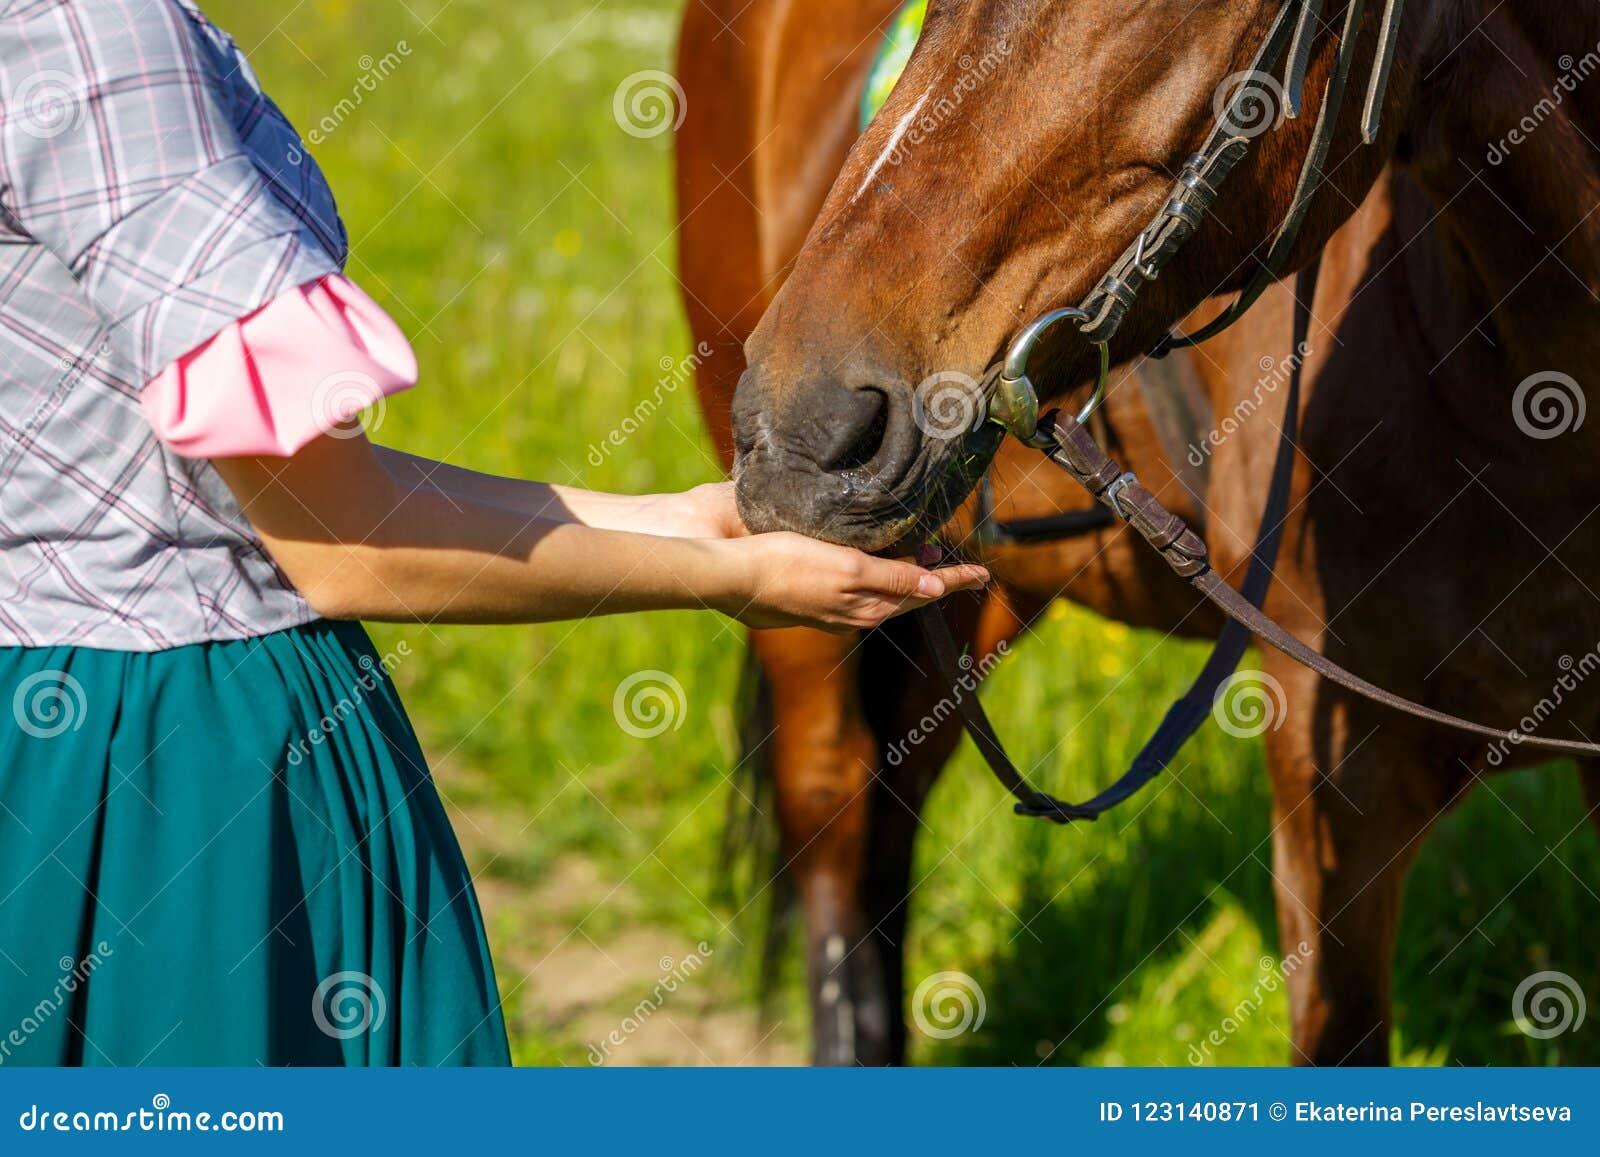 Женщина подает лошадь с животным фаворита рук